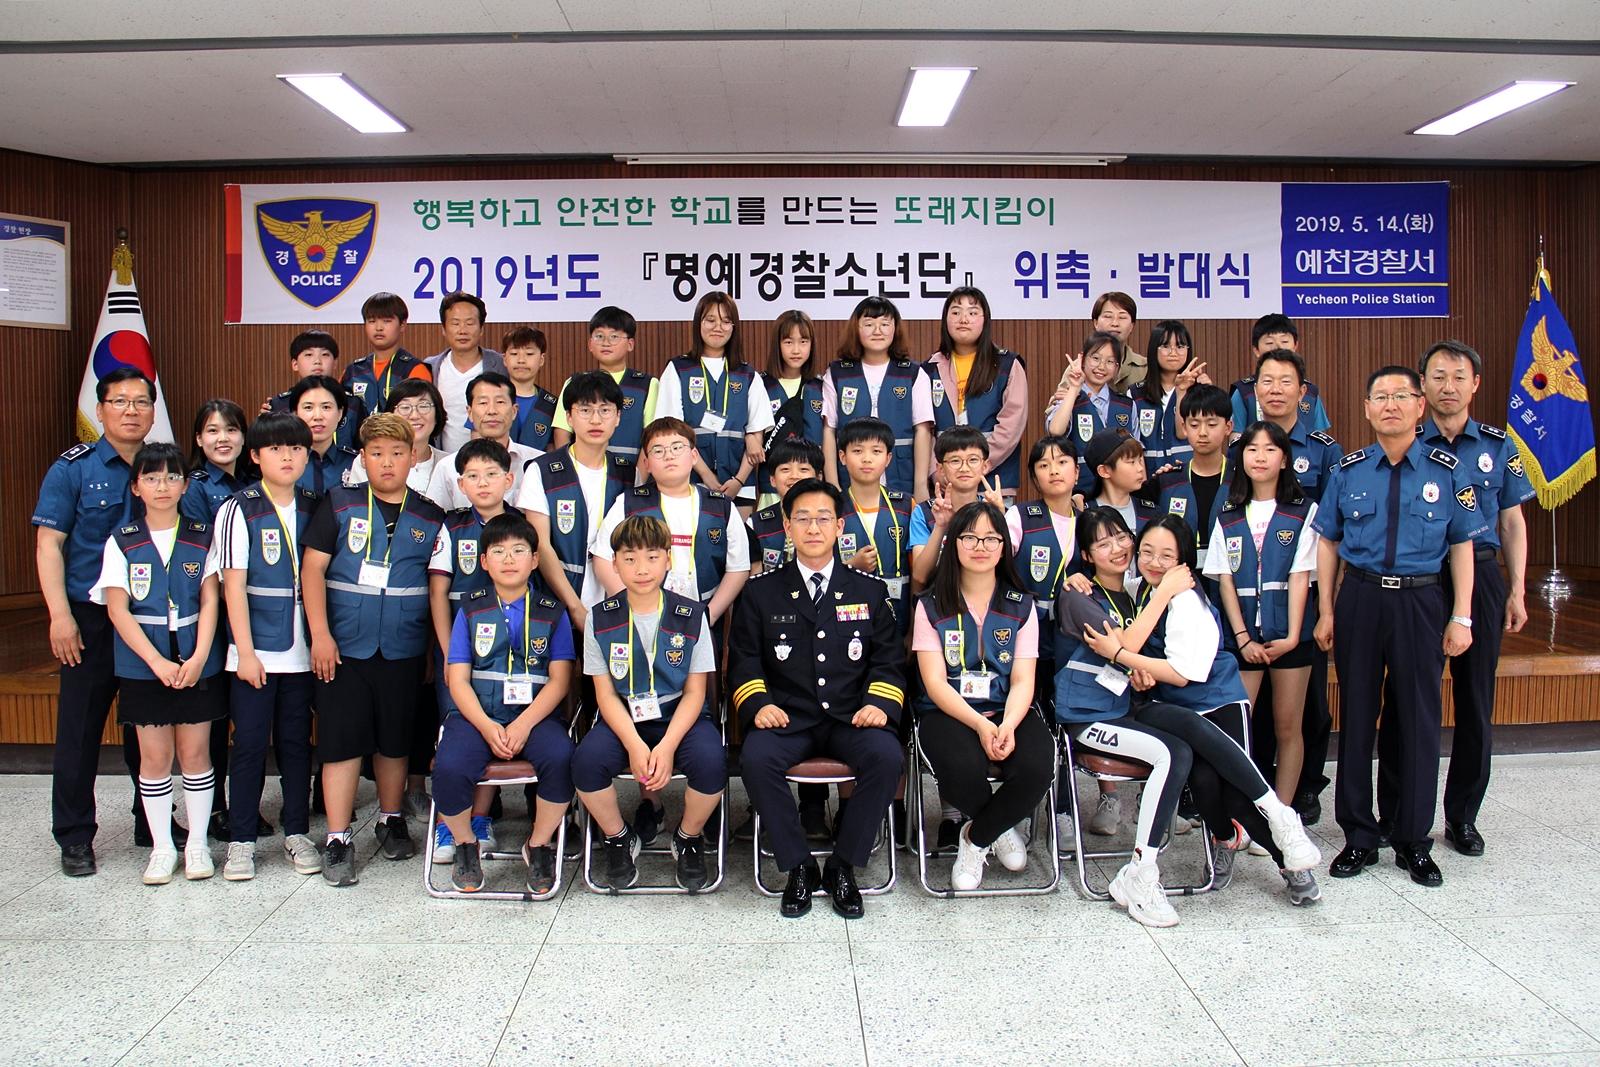 """예천경찰서 """"명예경찰소년단"""" 발대식 개최"""